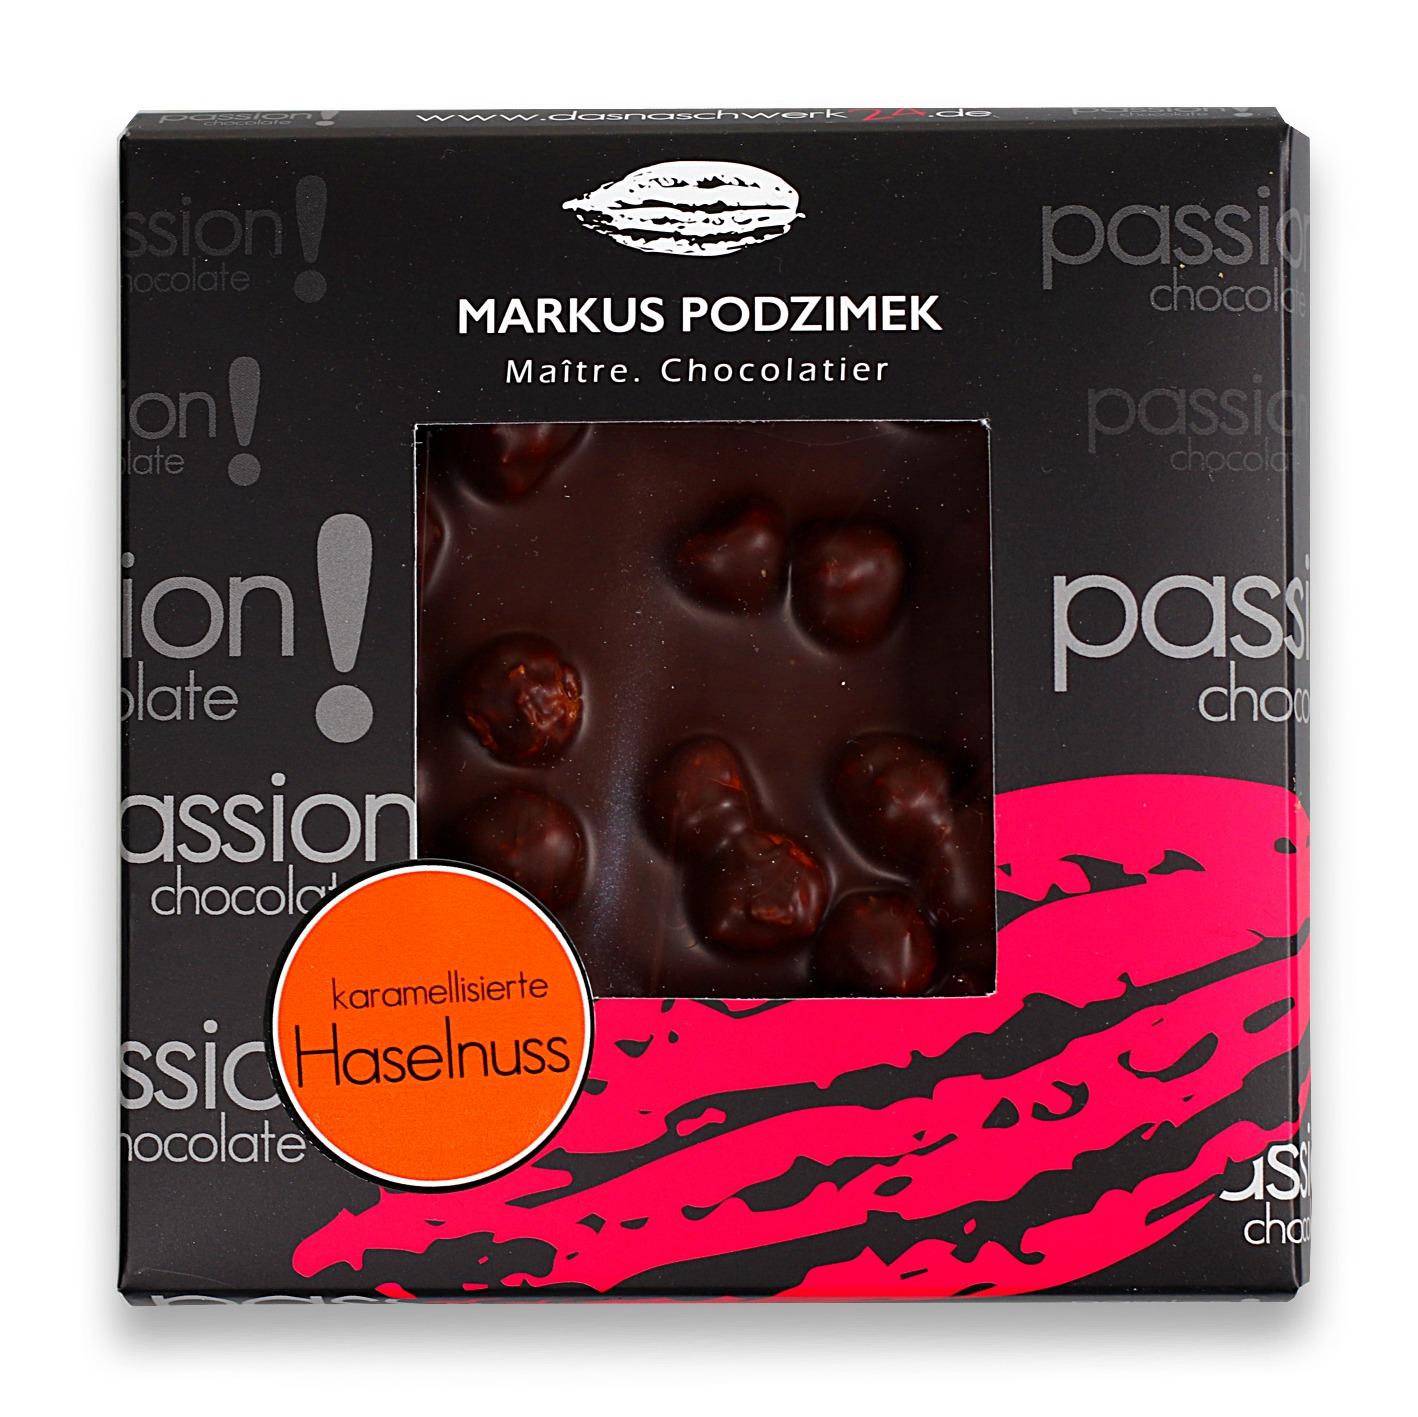 Karamelisierte Haselnuss Edel-Bitterschokolade mit 60% Cacao | dasnaschwerk